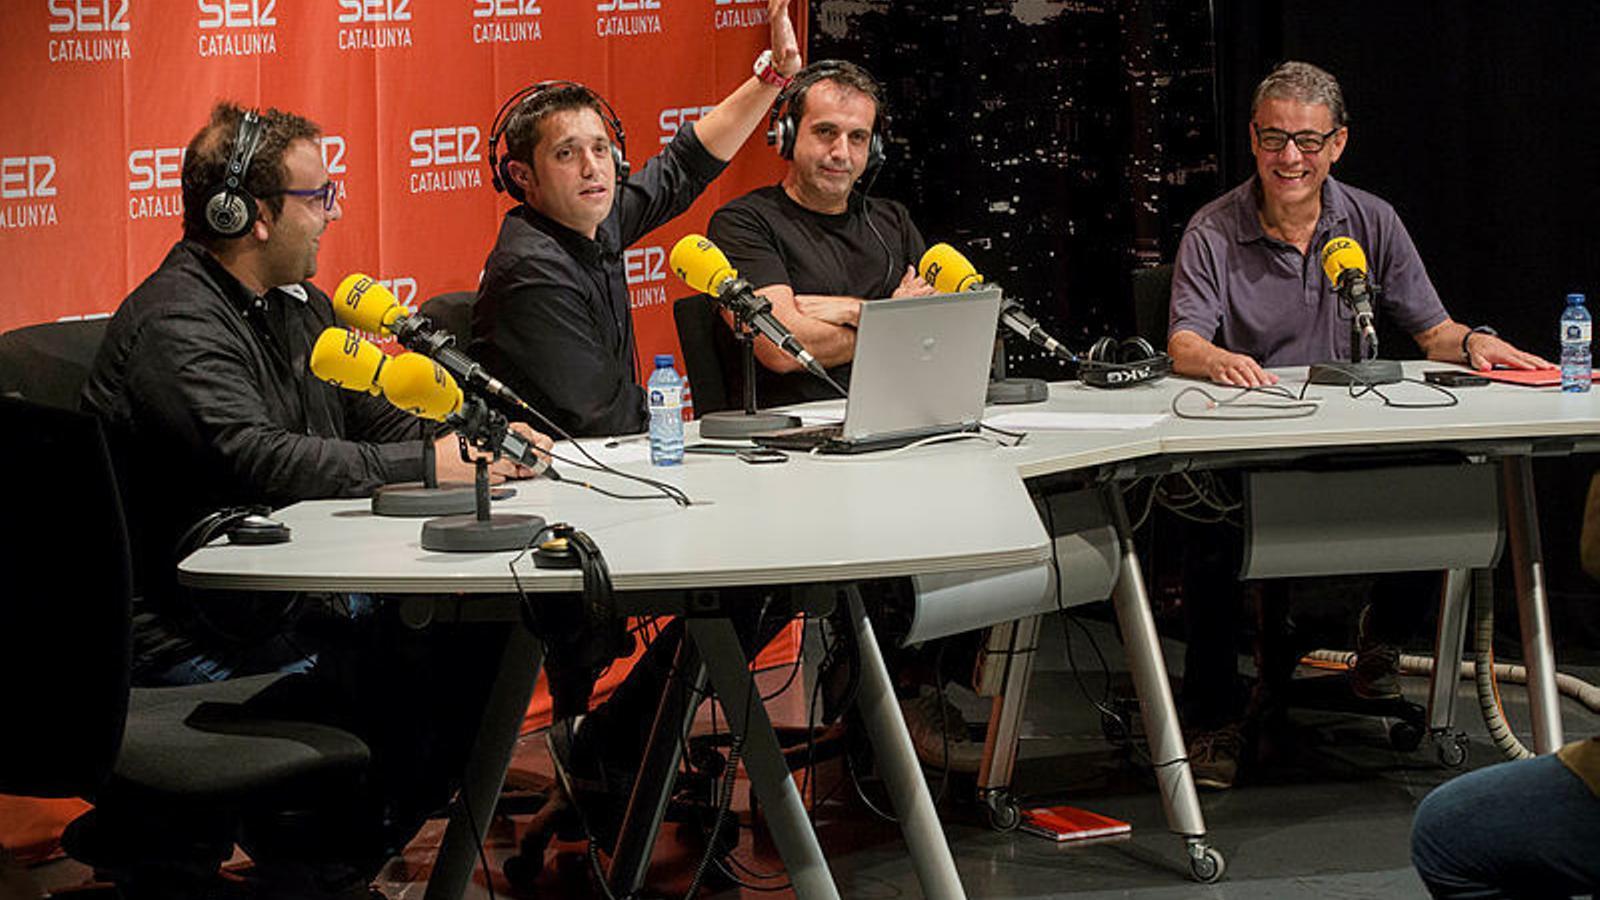 D'esquerra a dreta, Gerard Romero, Sique Rodríguez, Lluís Flaquer i Joaquim Maria Puyal, en una imatge d'arxiu